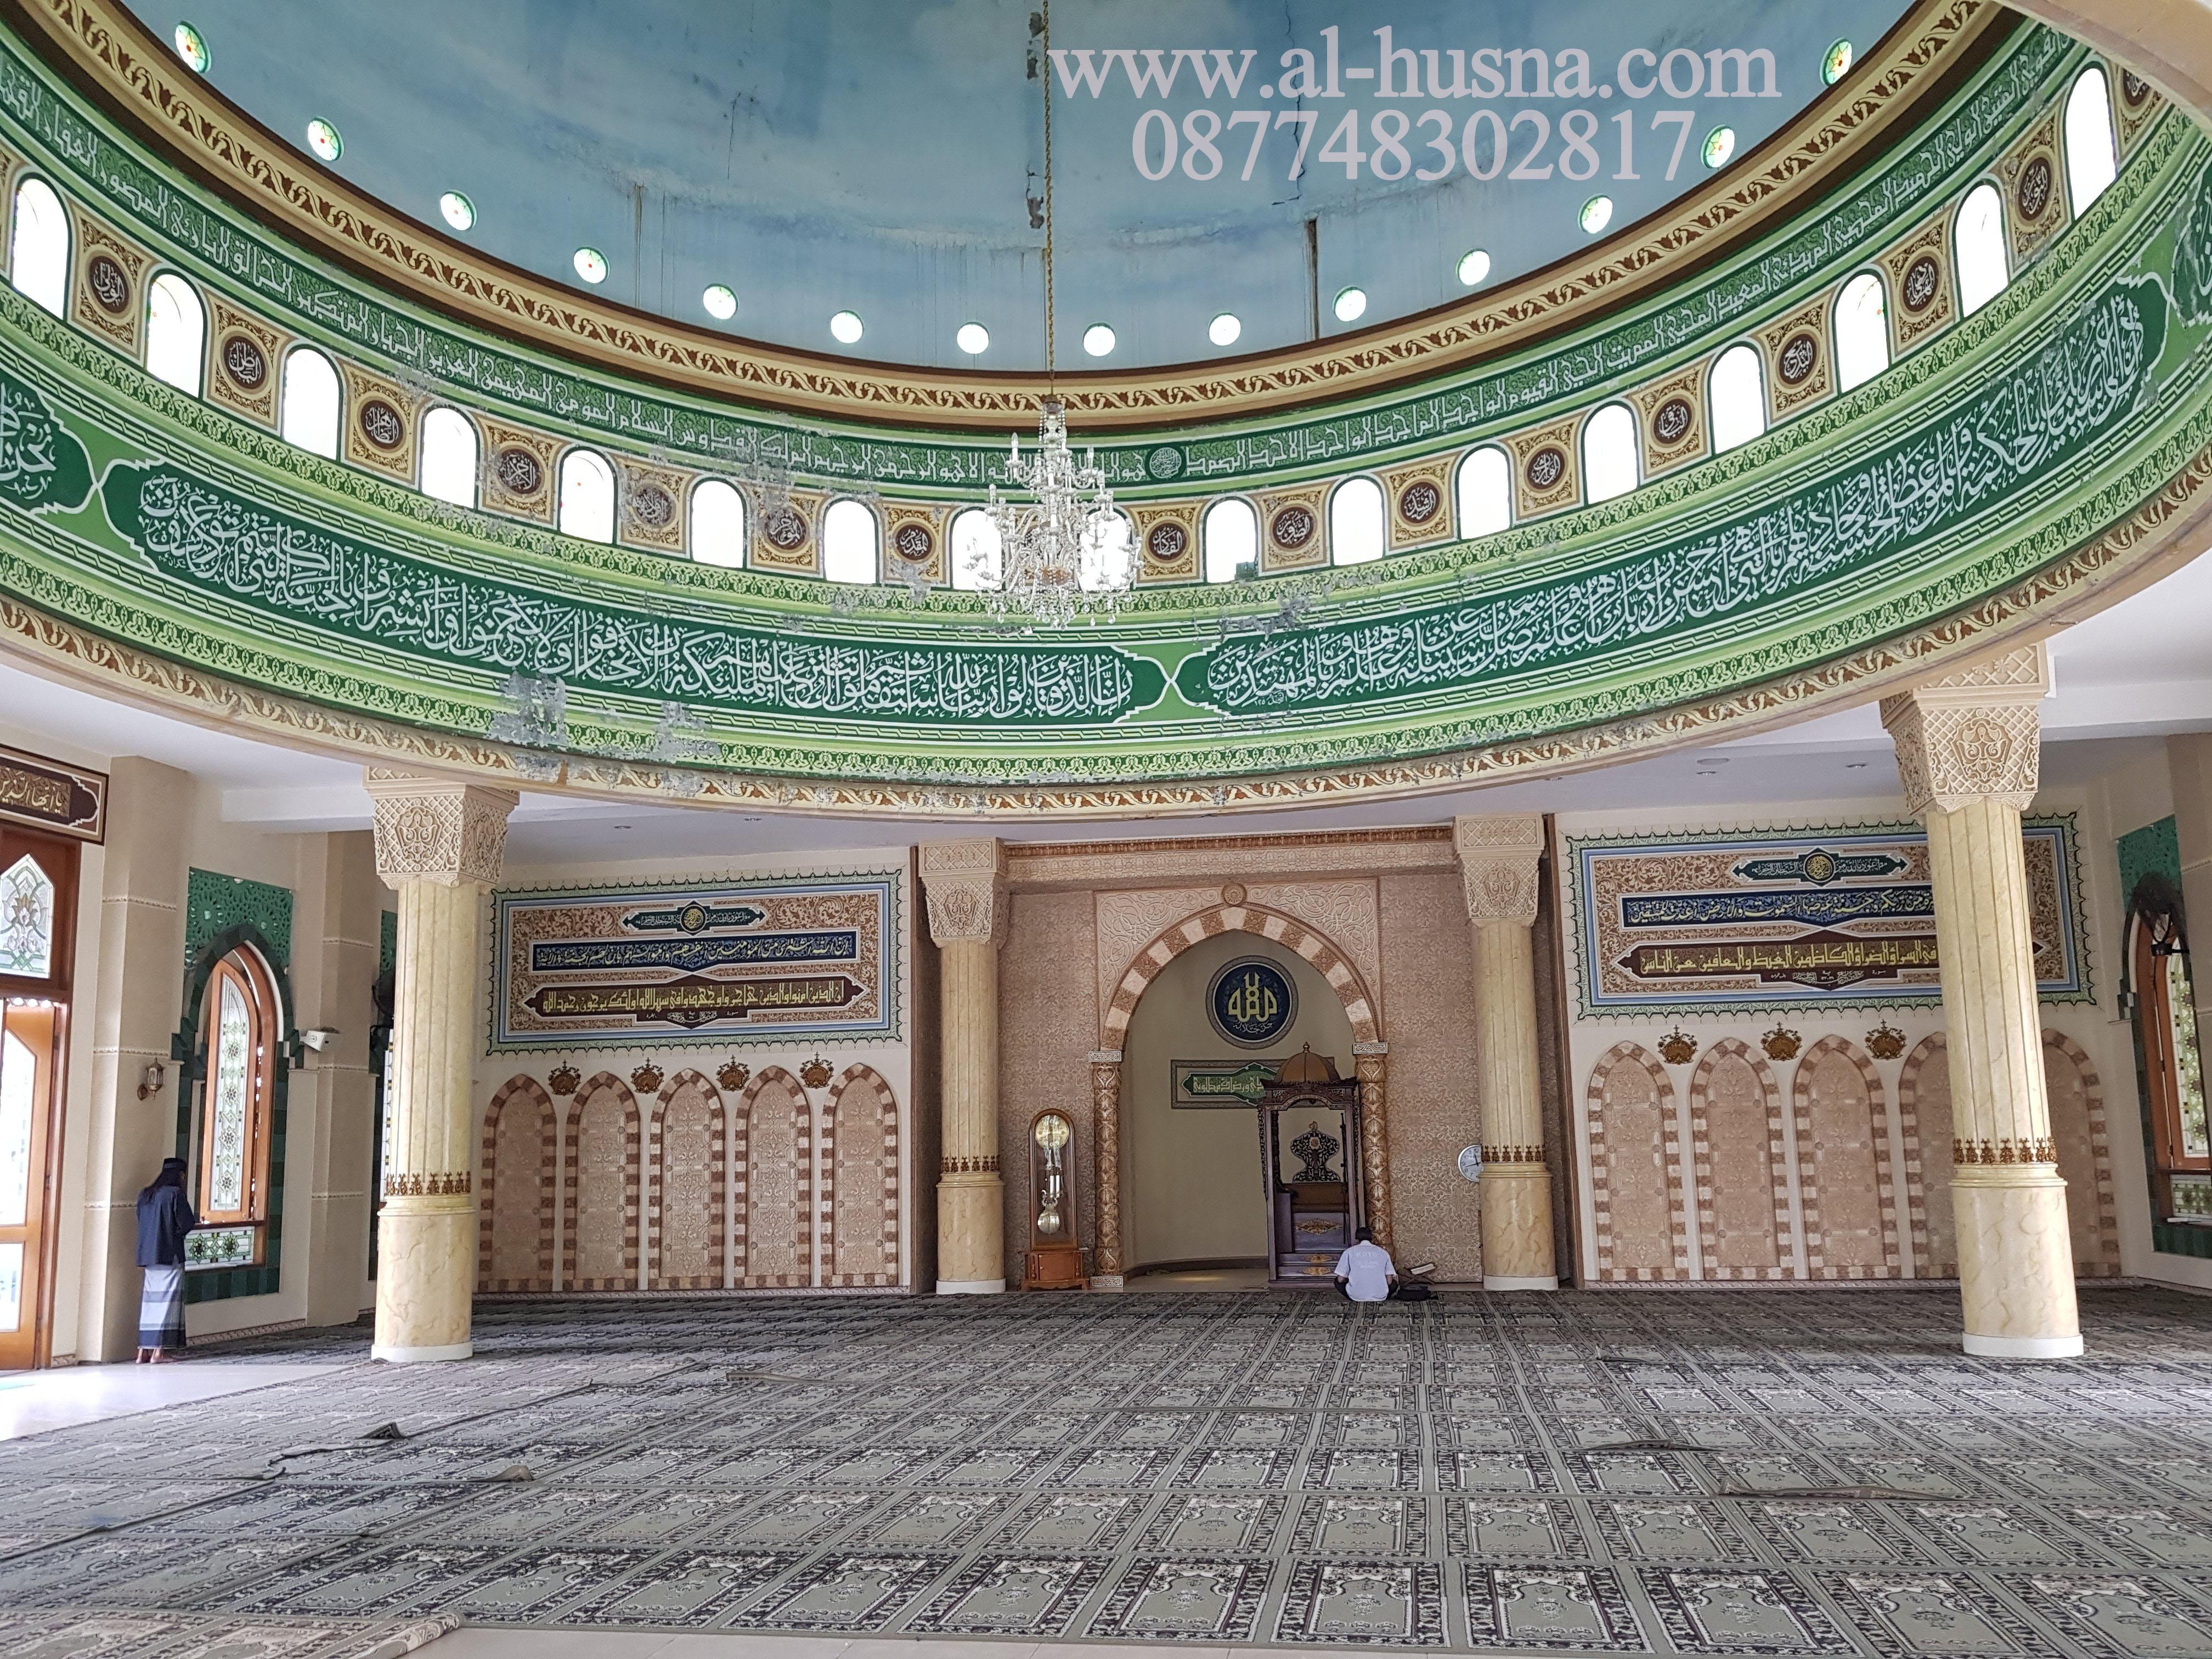 Daftar Harga Karpet Masjid Di Wanajaya Cibitung